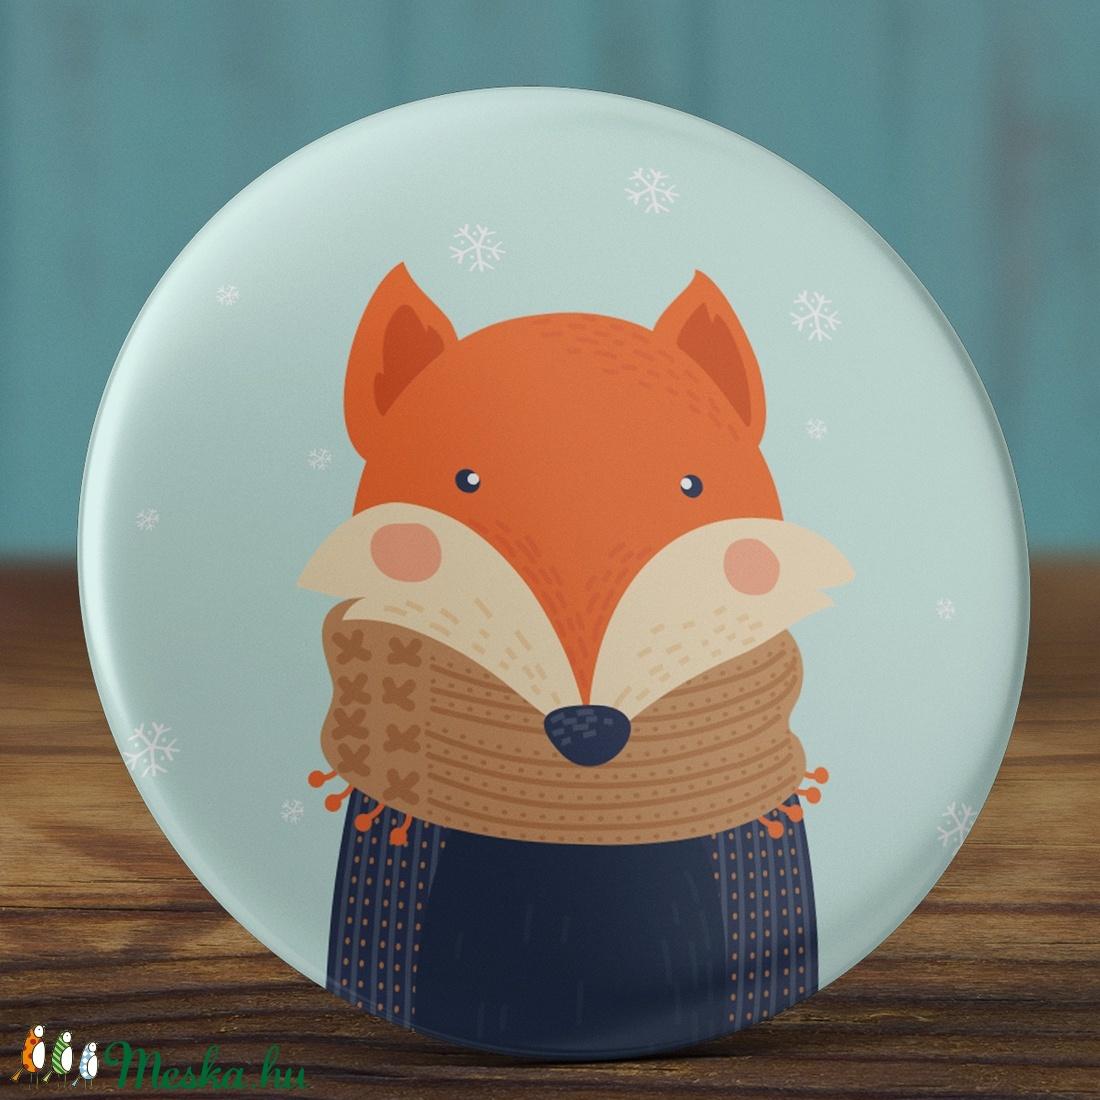 Karácsonyi tükör - rókás zsebtükör - karácsony tükör - rókás tükör - karácsony ajándék - tél - róka - téli állatok (AngelPin) - Meska.hu